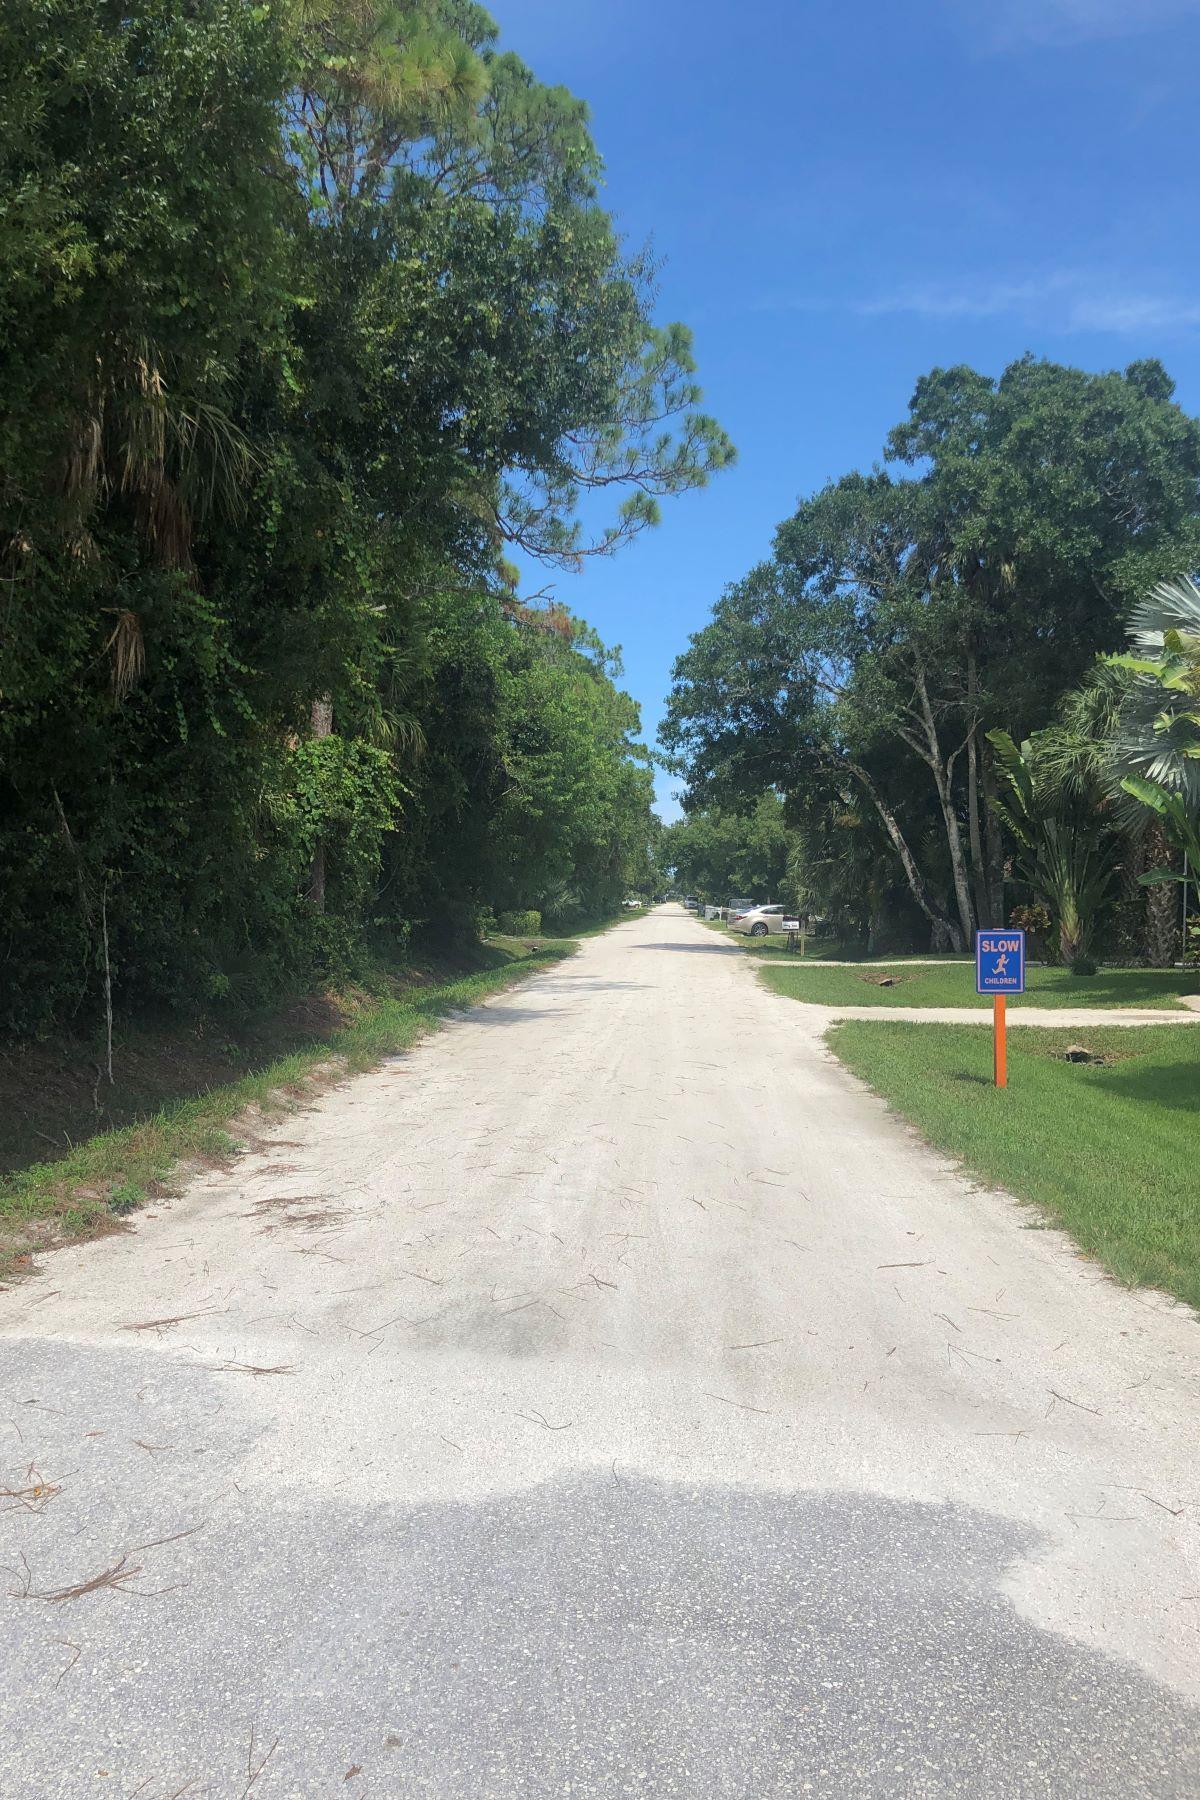 6126, 6136, 6146 7th Street 6126, 6136, 6146 7th Street Vero Beach, Florida 32968 Amerika Birleşik Devletleri